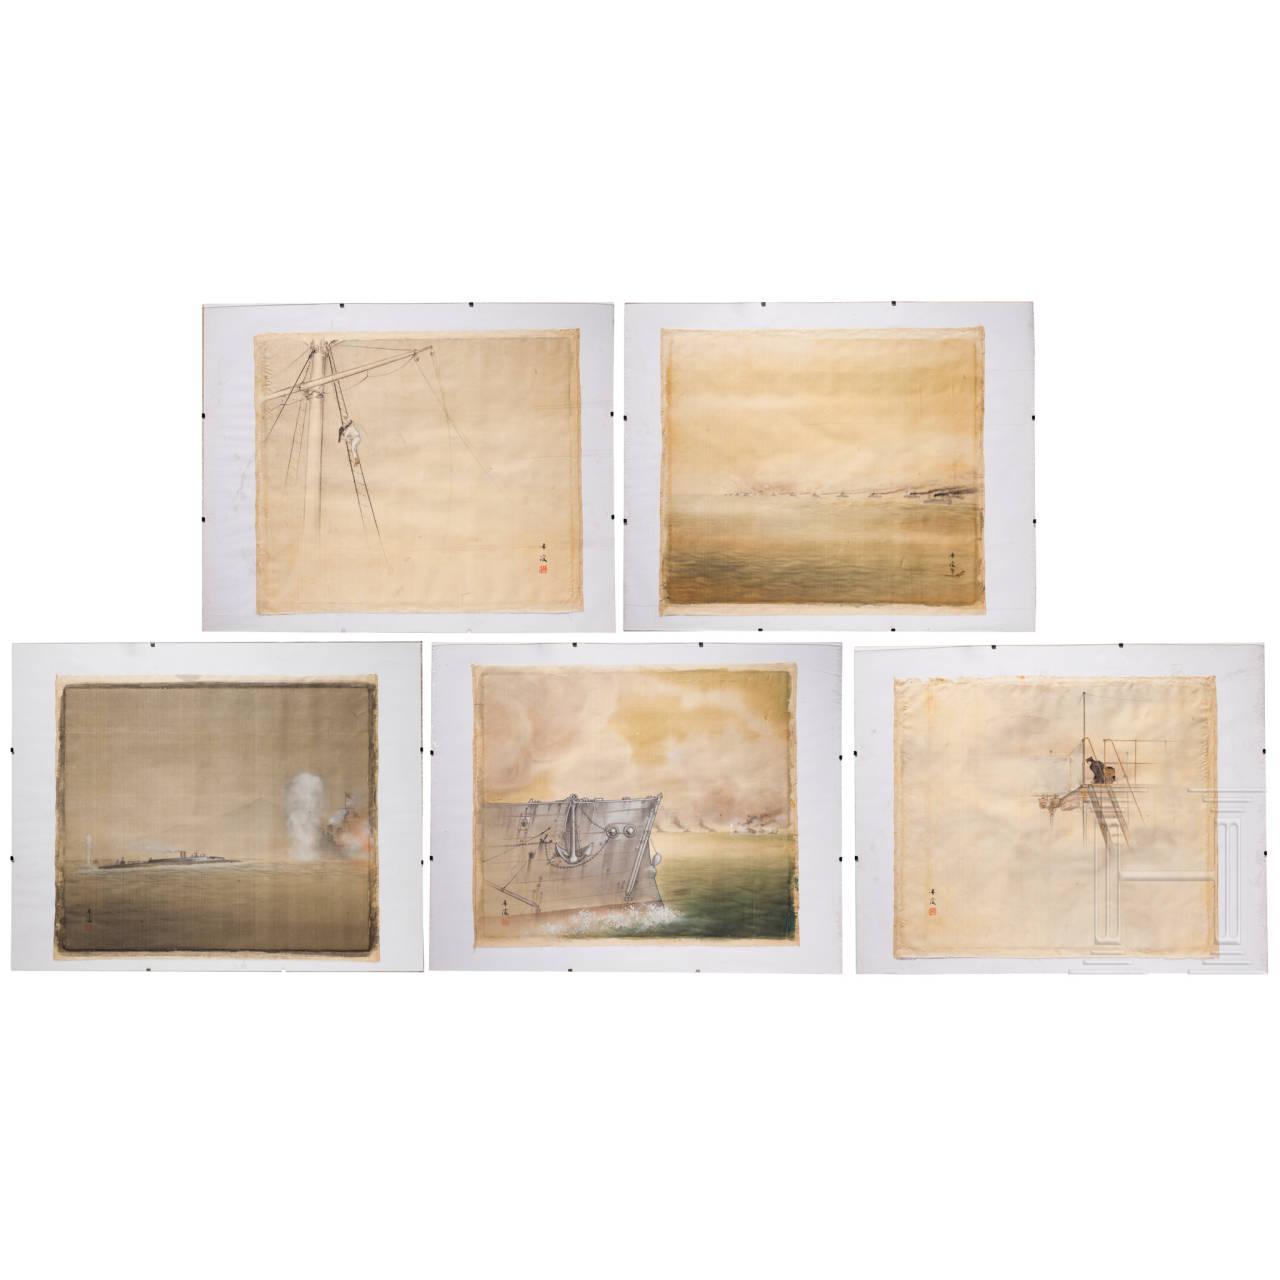 Tanryo Murata (1874 - 1940) - fünf Gemälde zur Kaiserlich Japanischen Marine, Meiji-Periode